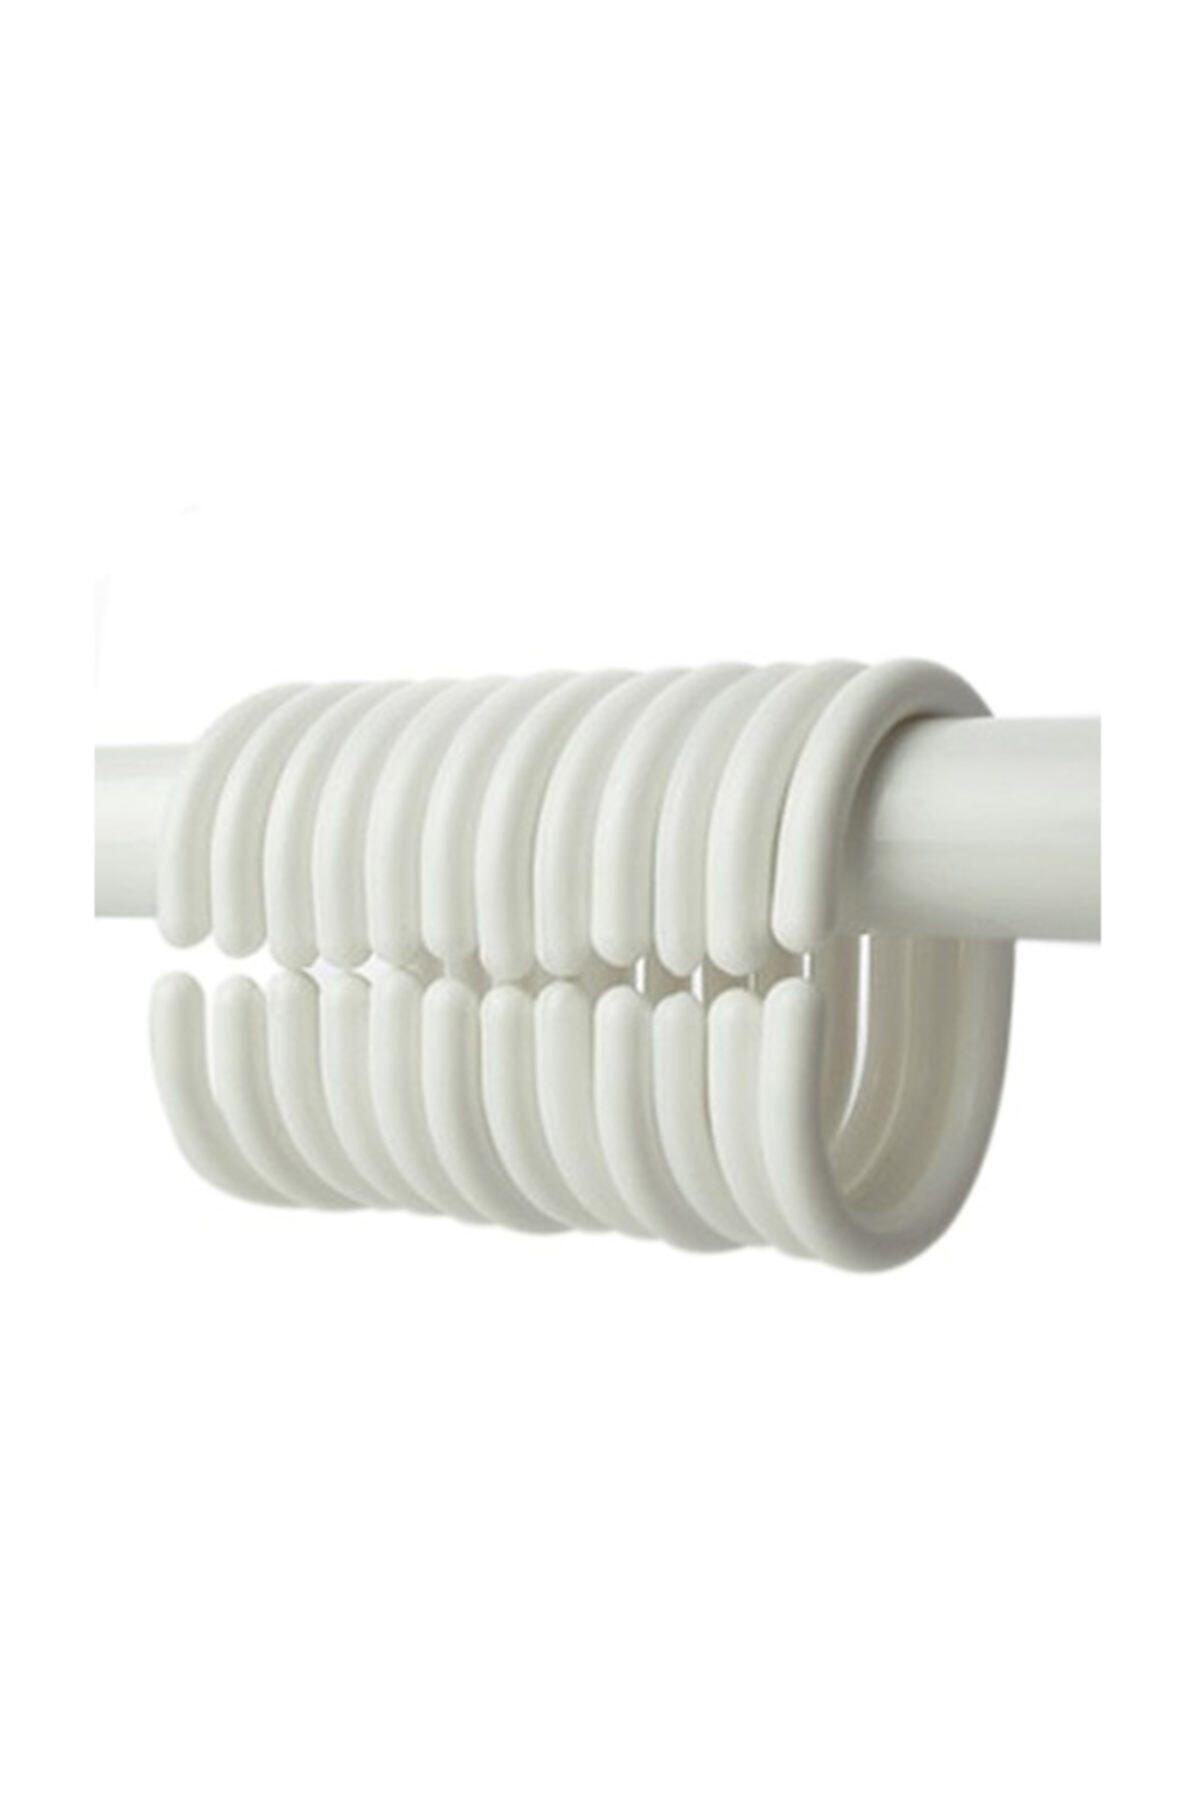 Banyo Duş Perde Halkası Kancası 24 Adet